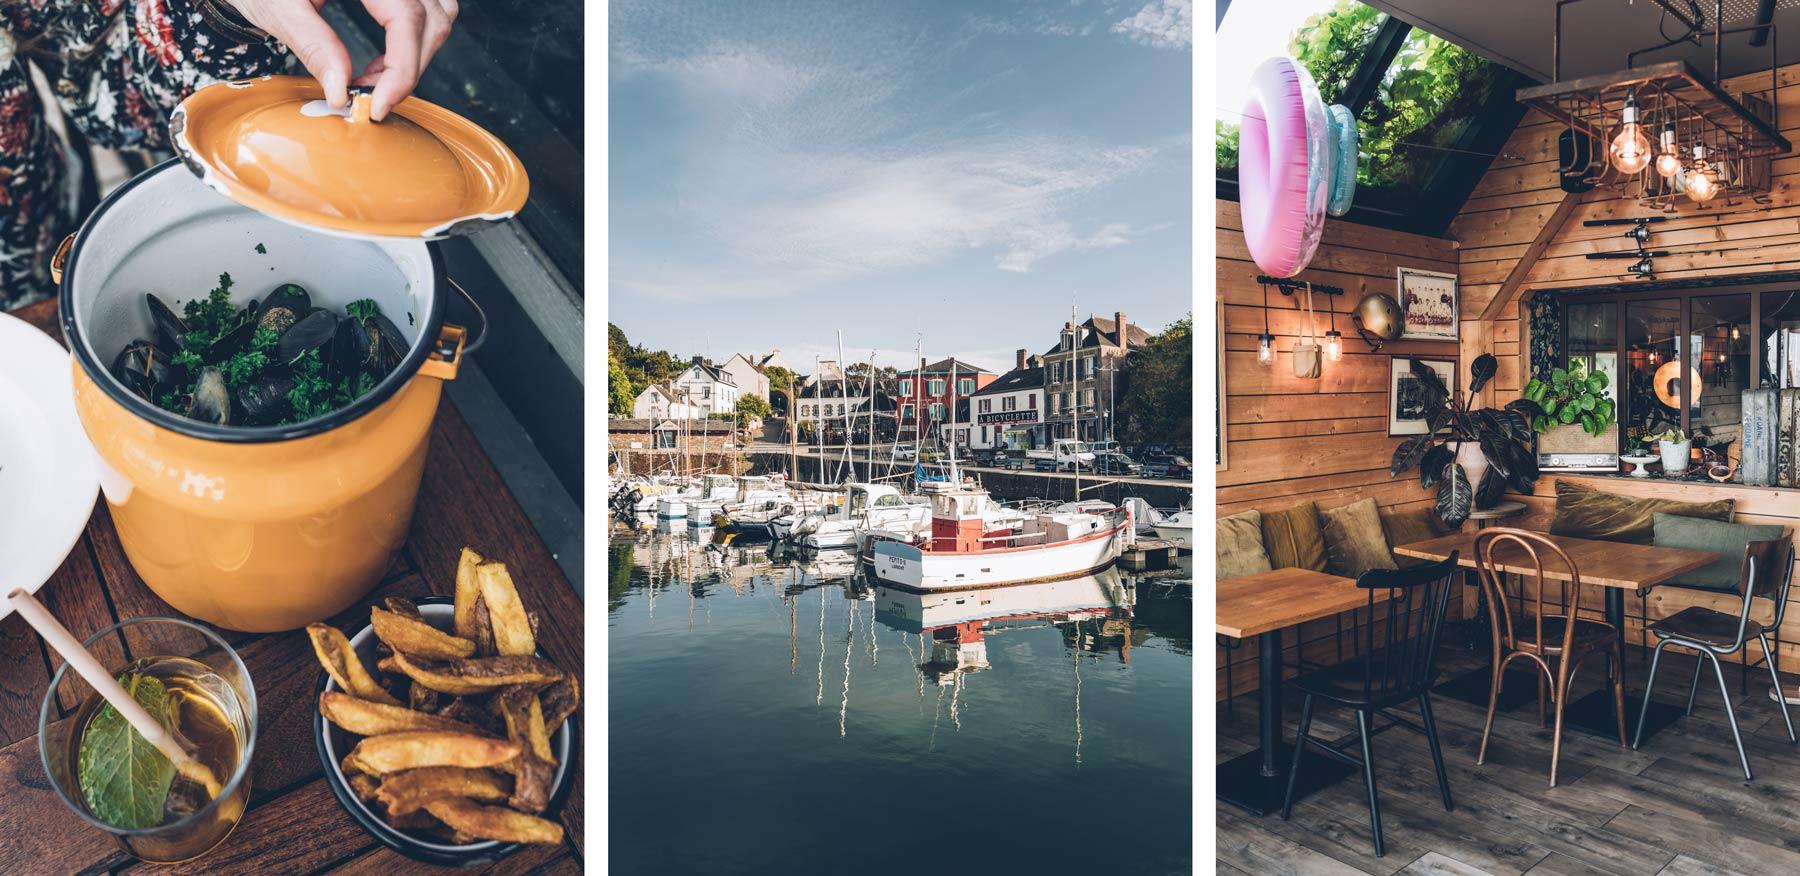 Restaurant île de Groix: Les Garçons du Port